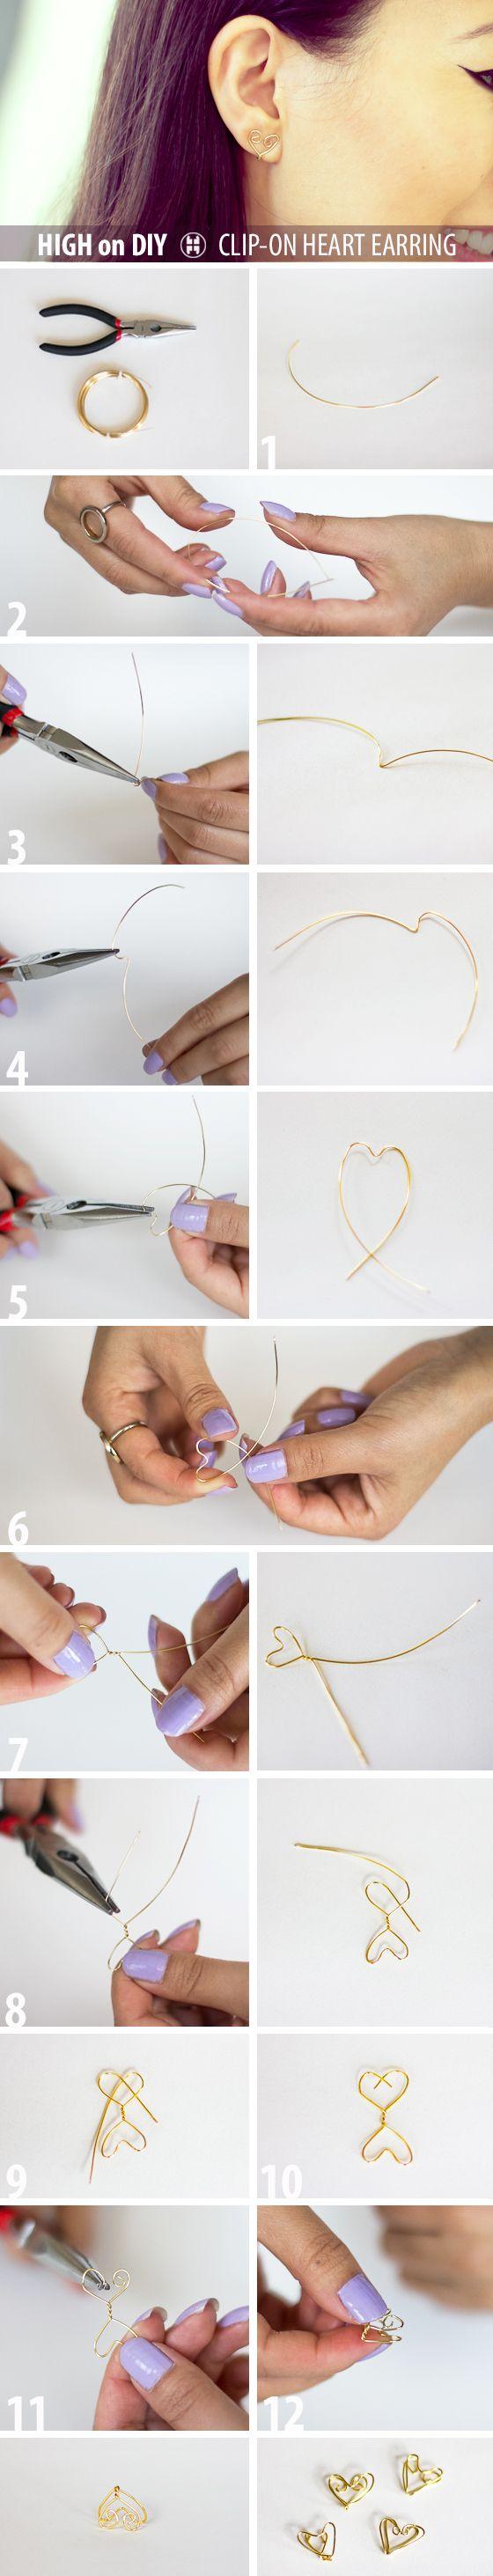 DIY Clip-On Heart Shape Earrings #DIY #Jewelry #Accessories